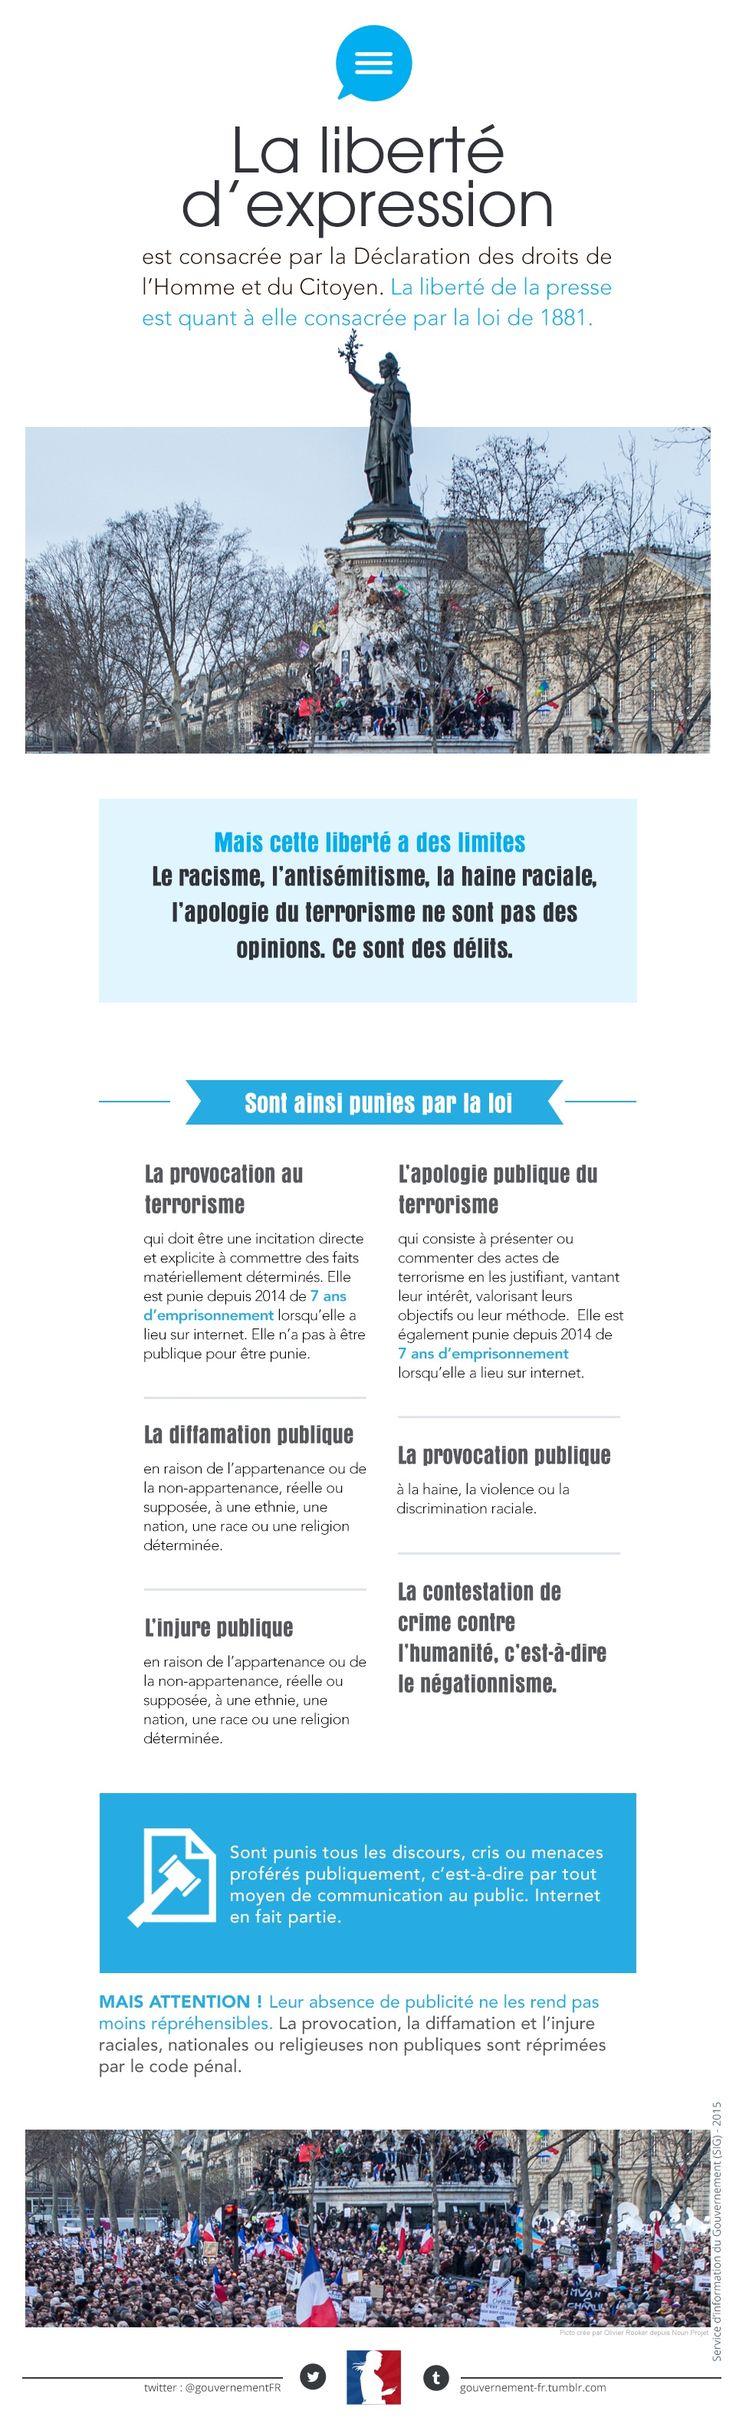 Tout ce qu'il faut savoir sur la liberté d'expression | Gouvernement.fr